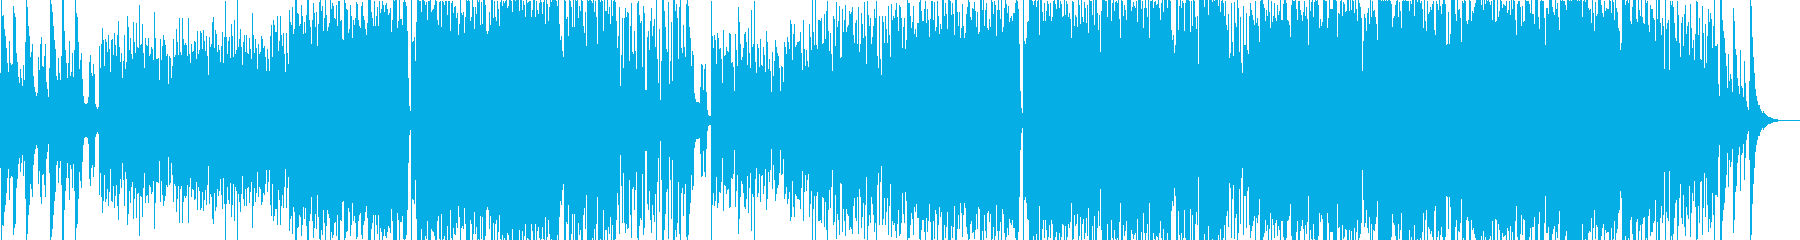 オーケストラ風の感動的バラードインストの再生済みの波形